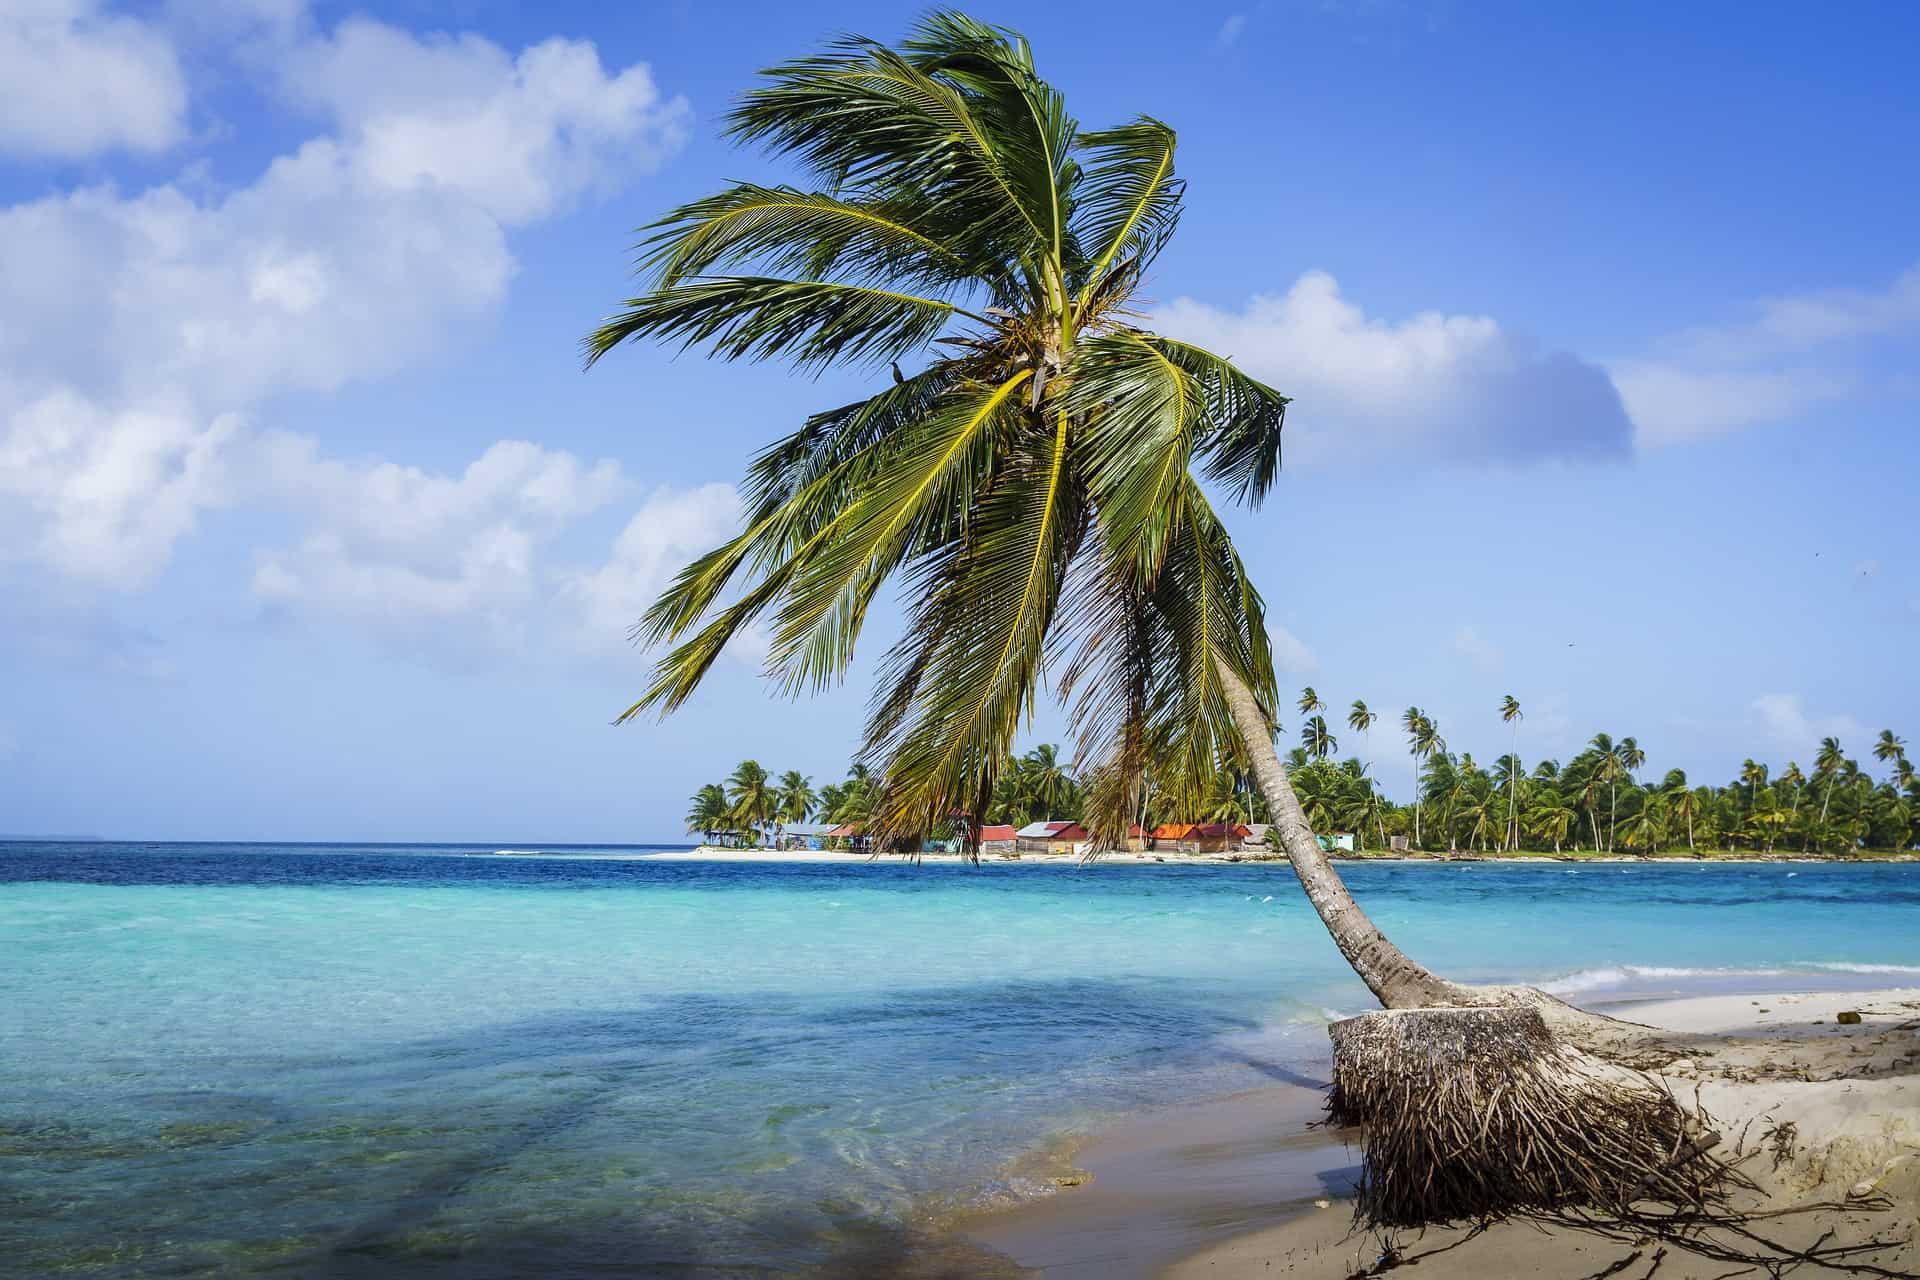 Vorgelagerten San Blas Inseln sind das absolute Highlight der reise